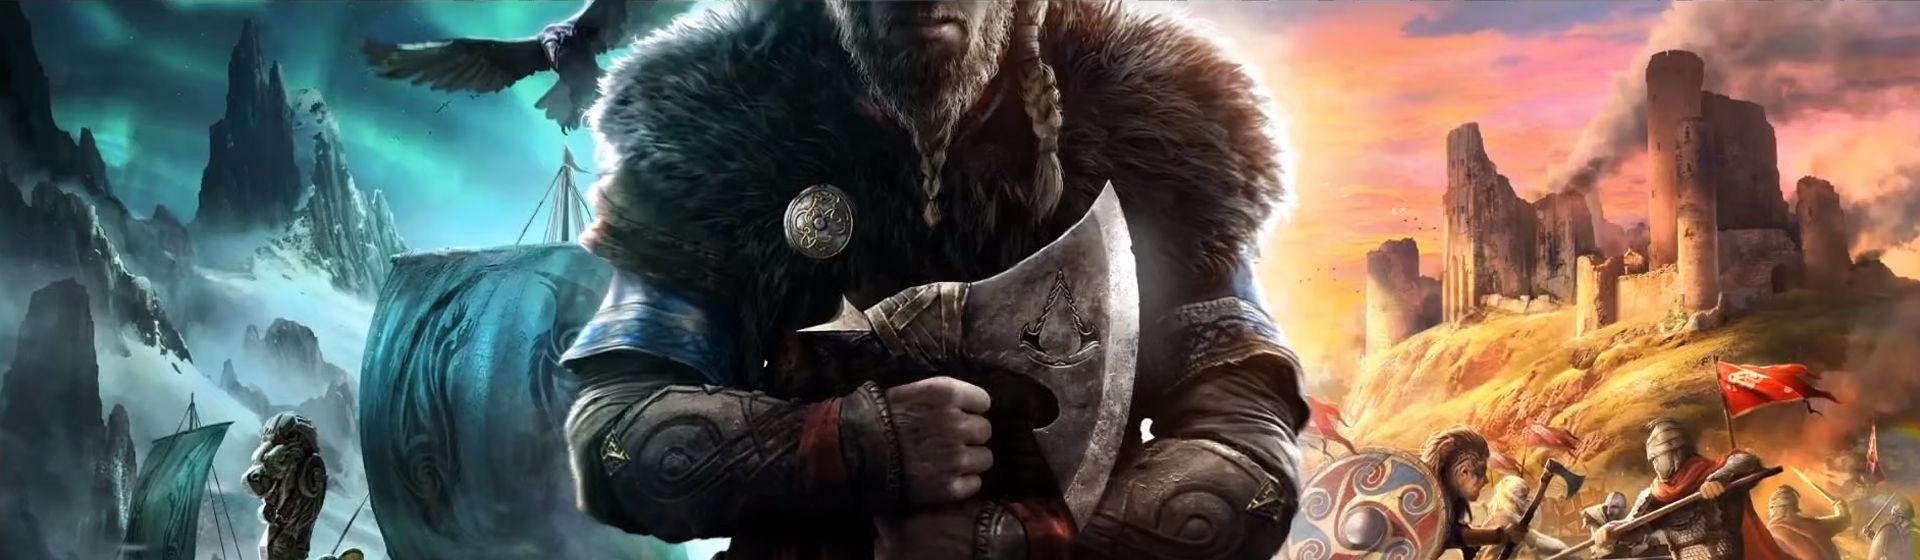 Assassin's Creed Valhalla é anunciado para 2020; veja lançamento